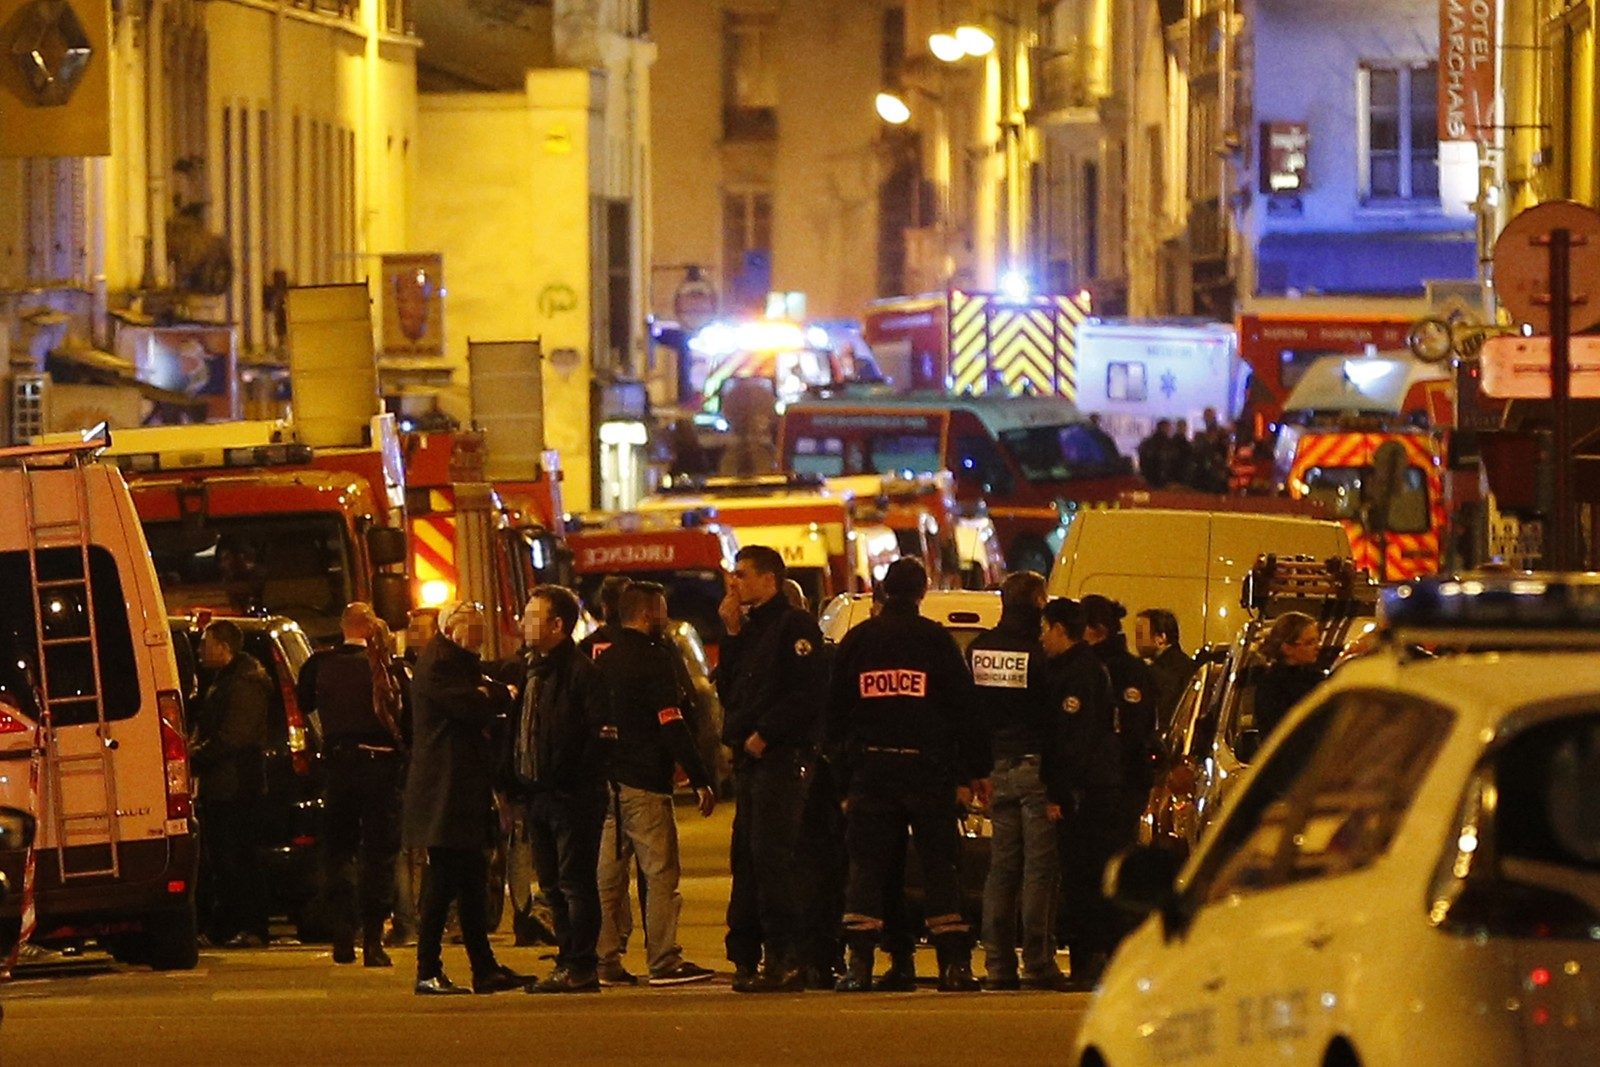 TROR IKKE DET VAR FLERE: En kilde nær etterforskningen sier åtte militante er døde etter angrepene. Politiet tror ikke det var flere angripere, men jakten på mulig medskyldige er i gang etter de blodige angrepene mot et fotballstadion, et konsertlokale og flere steder i sentrum av den franske hovedstaden.